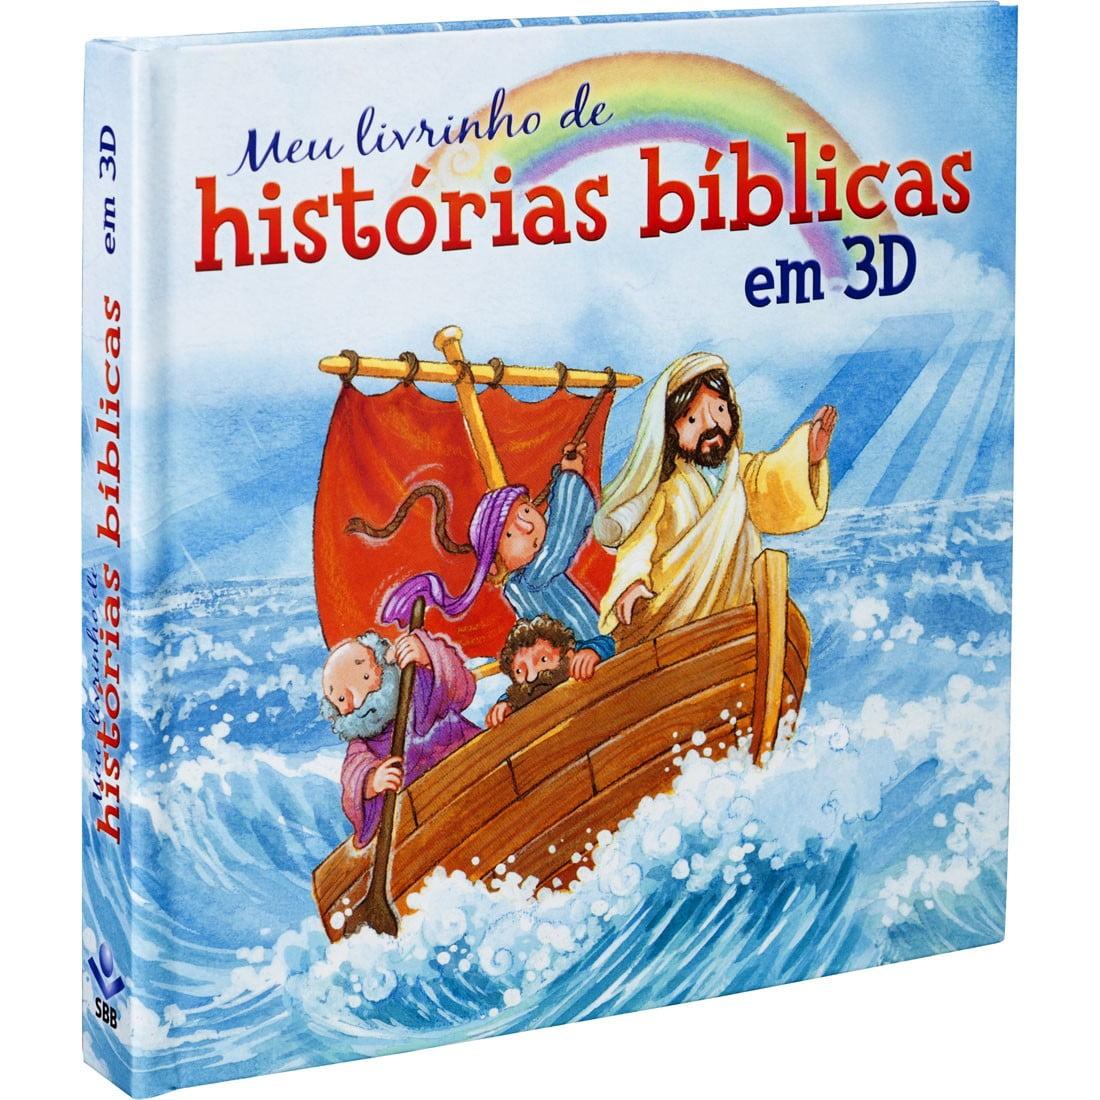 MEU LIVRINHO DE HISTORIAS BIBLIBAS EM 3D